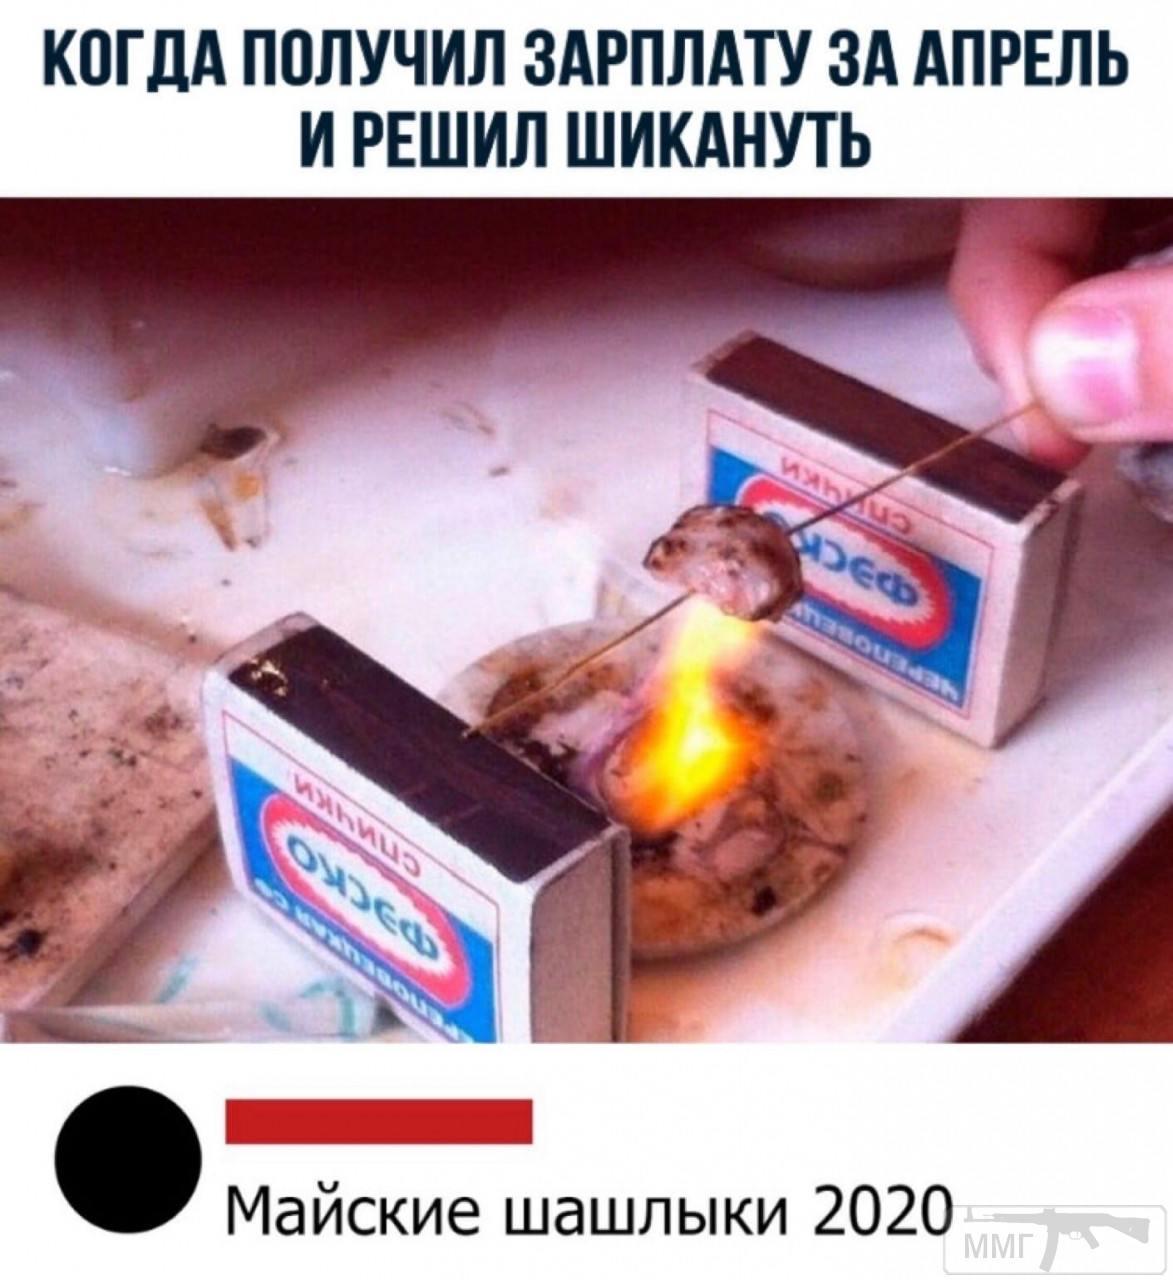 101048 - Закуски на огне (мангал, барбекю и т.д.) и кулинария вообще. Советы и рецепты.